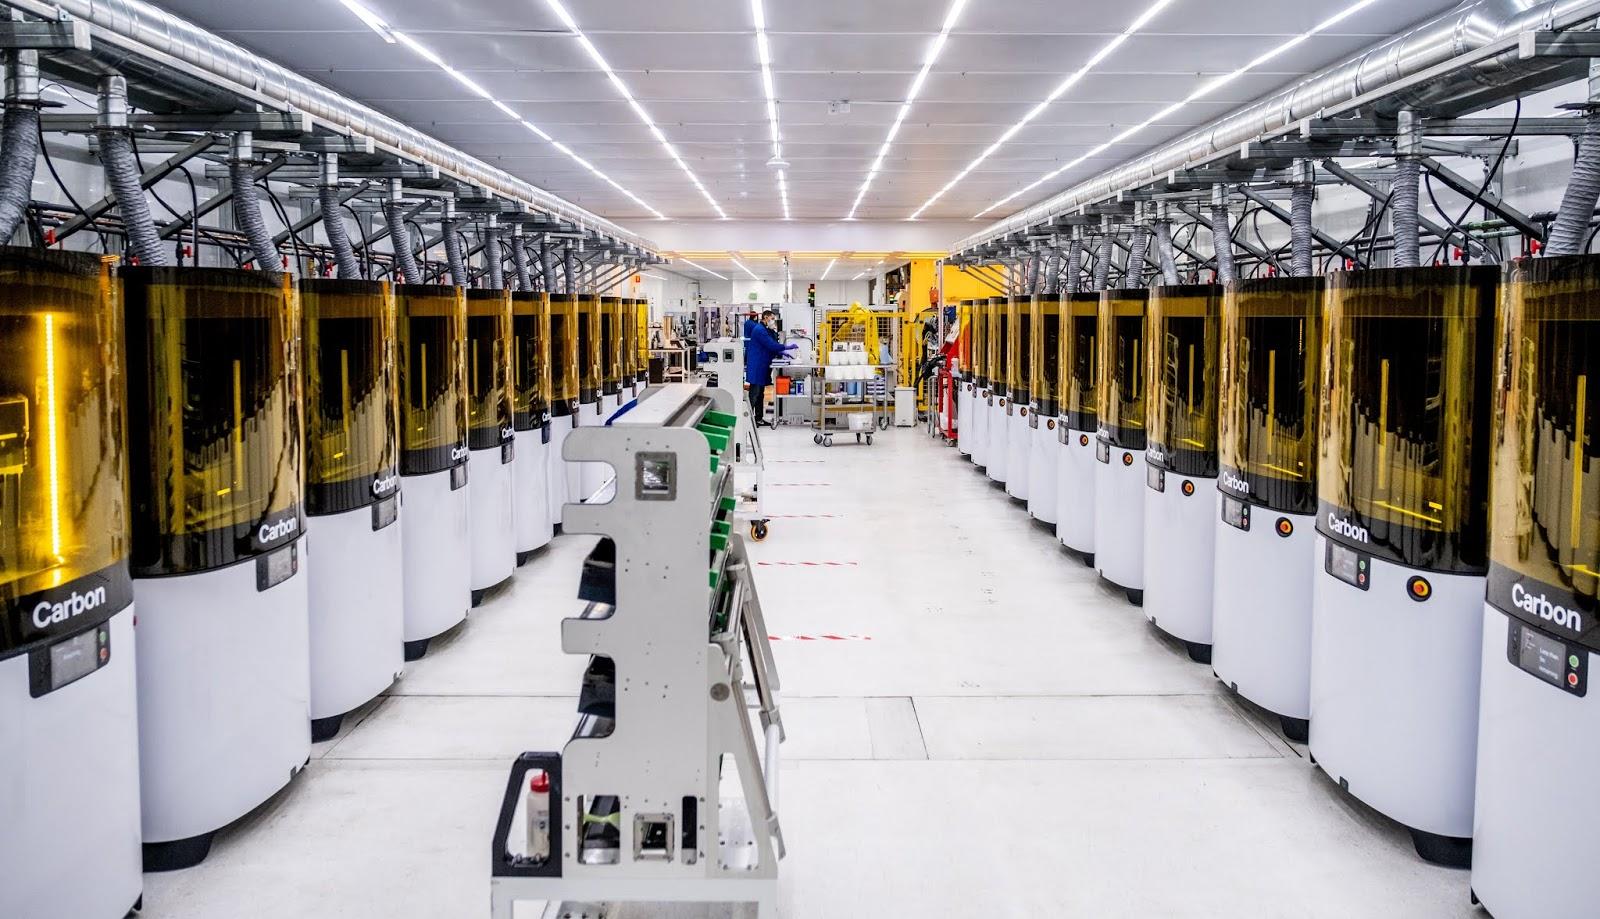 Adidas y Carbon abordan la escasez de equipos de seguridad médica con innovación 3D